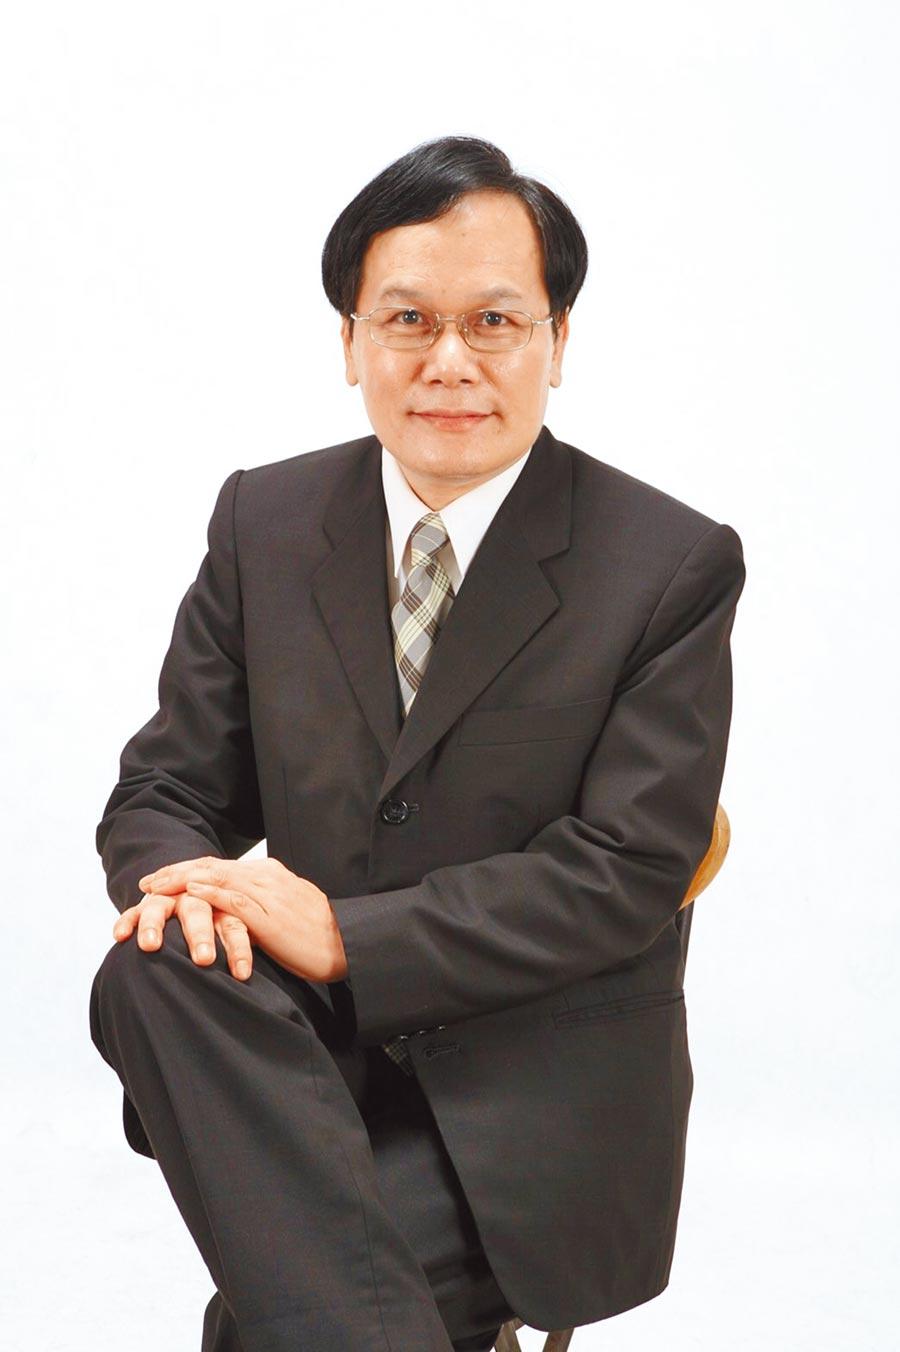 中華民國消費者文教基金會房屋委員會召集人張欣民